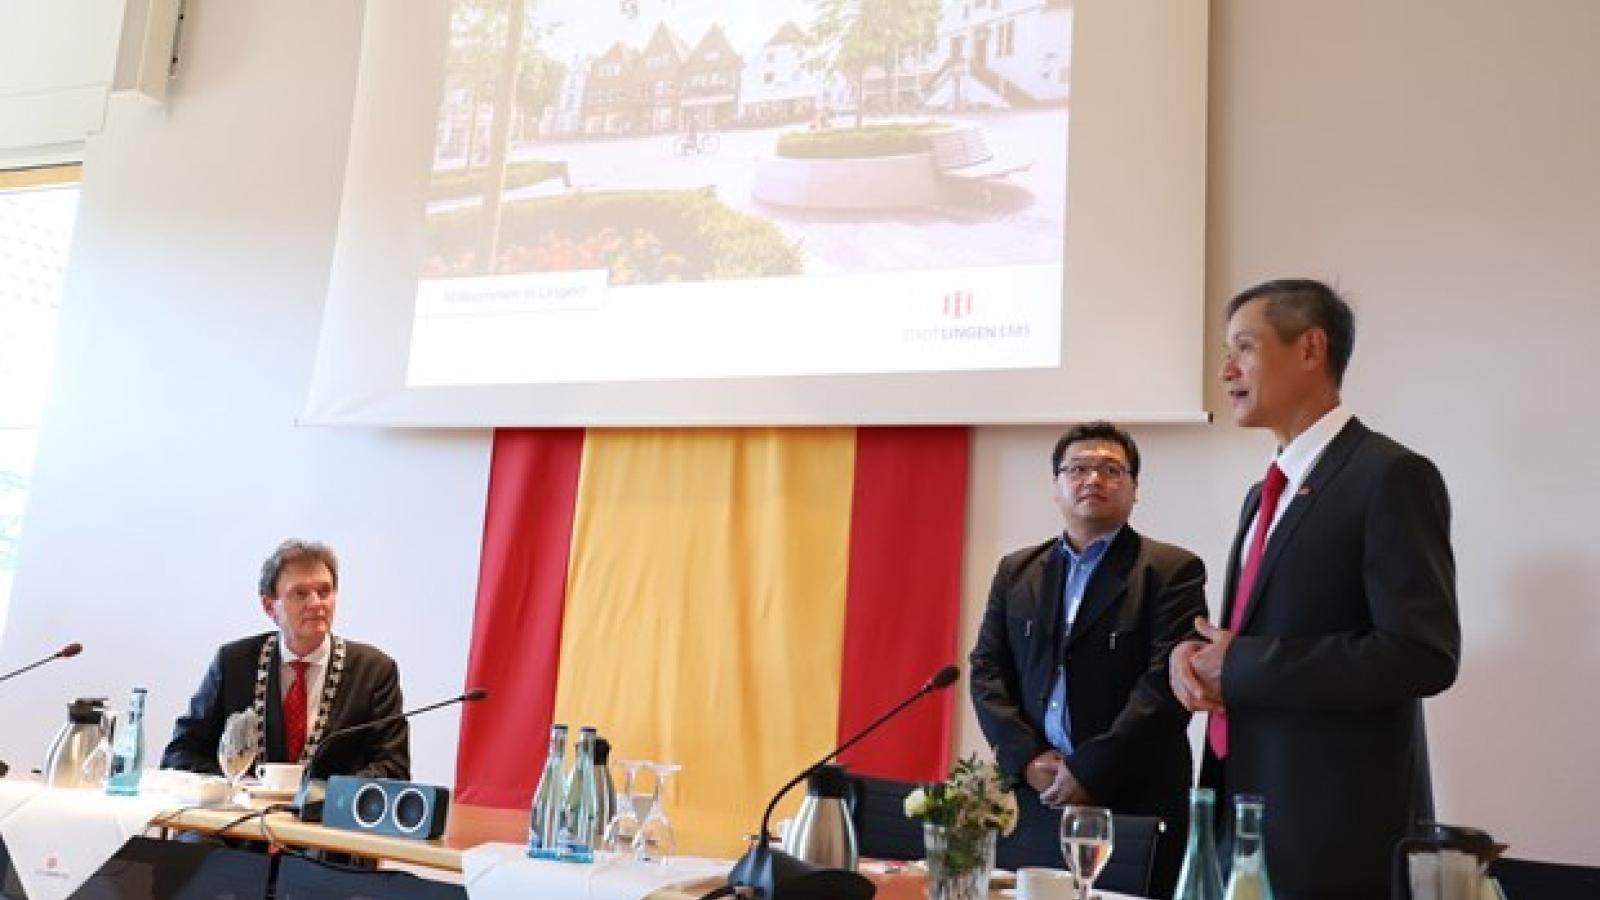 Ambassador seeks to boost Vietnam - Germany ties in nursing manpower